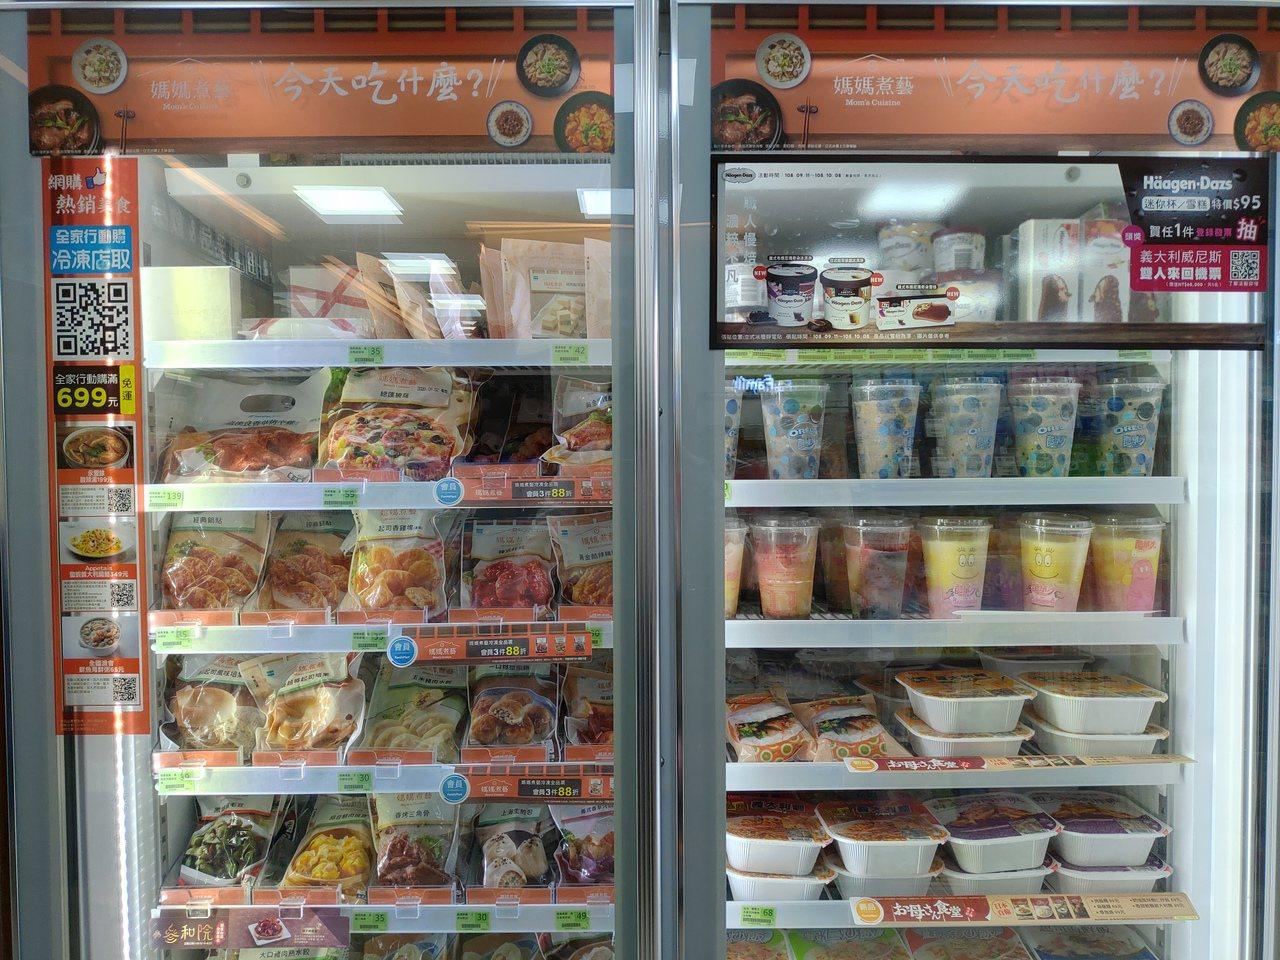 全家將持續觀察消費者需求開發冷凍商品,預計今年店舖中的媽媽煮藝冷凍商品將超過50...